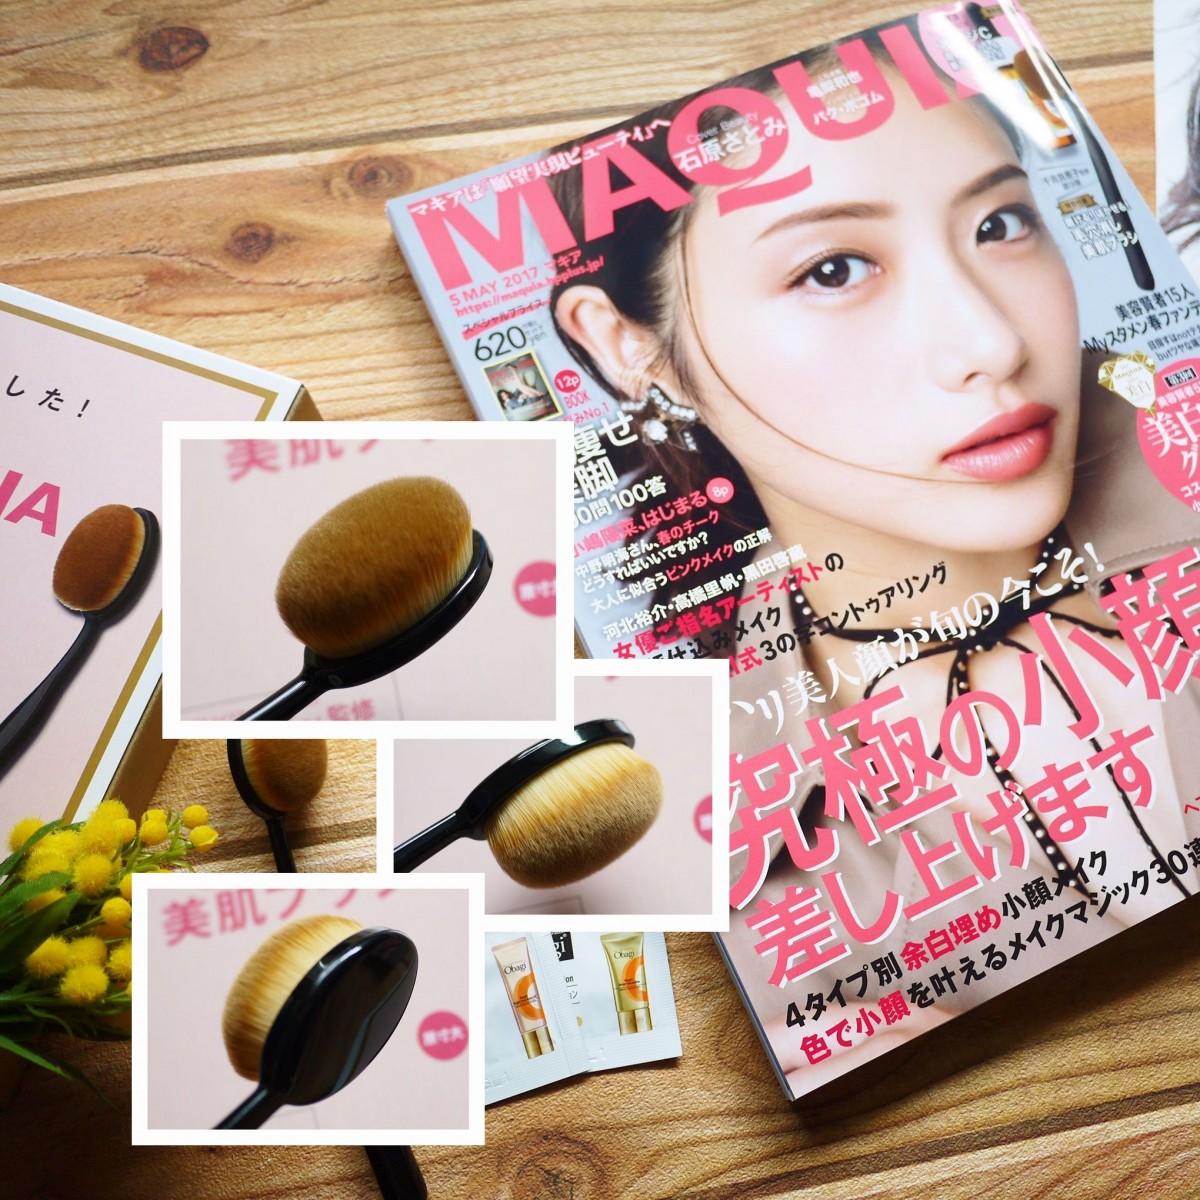 【売切れ必至】付録超えブラシ付き!MAQUIA5月号は3/23発売!